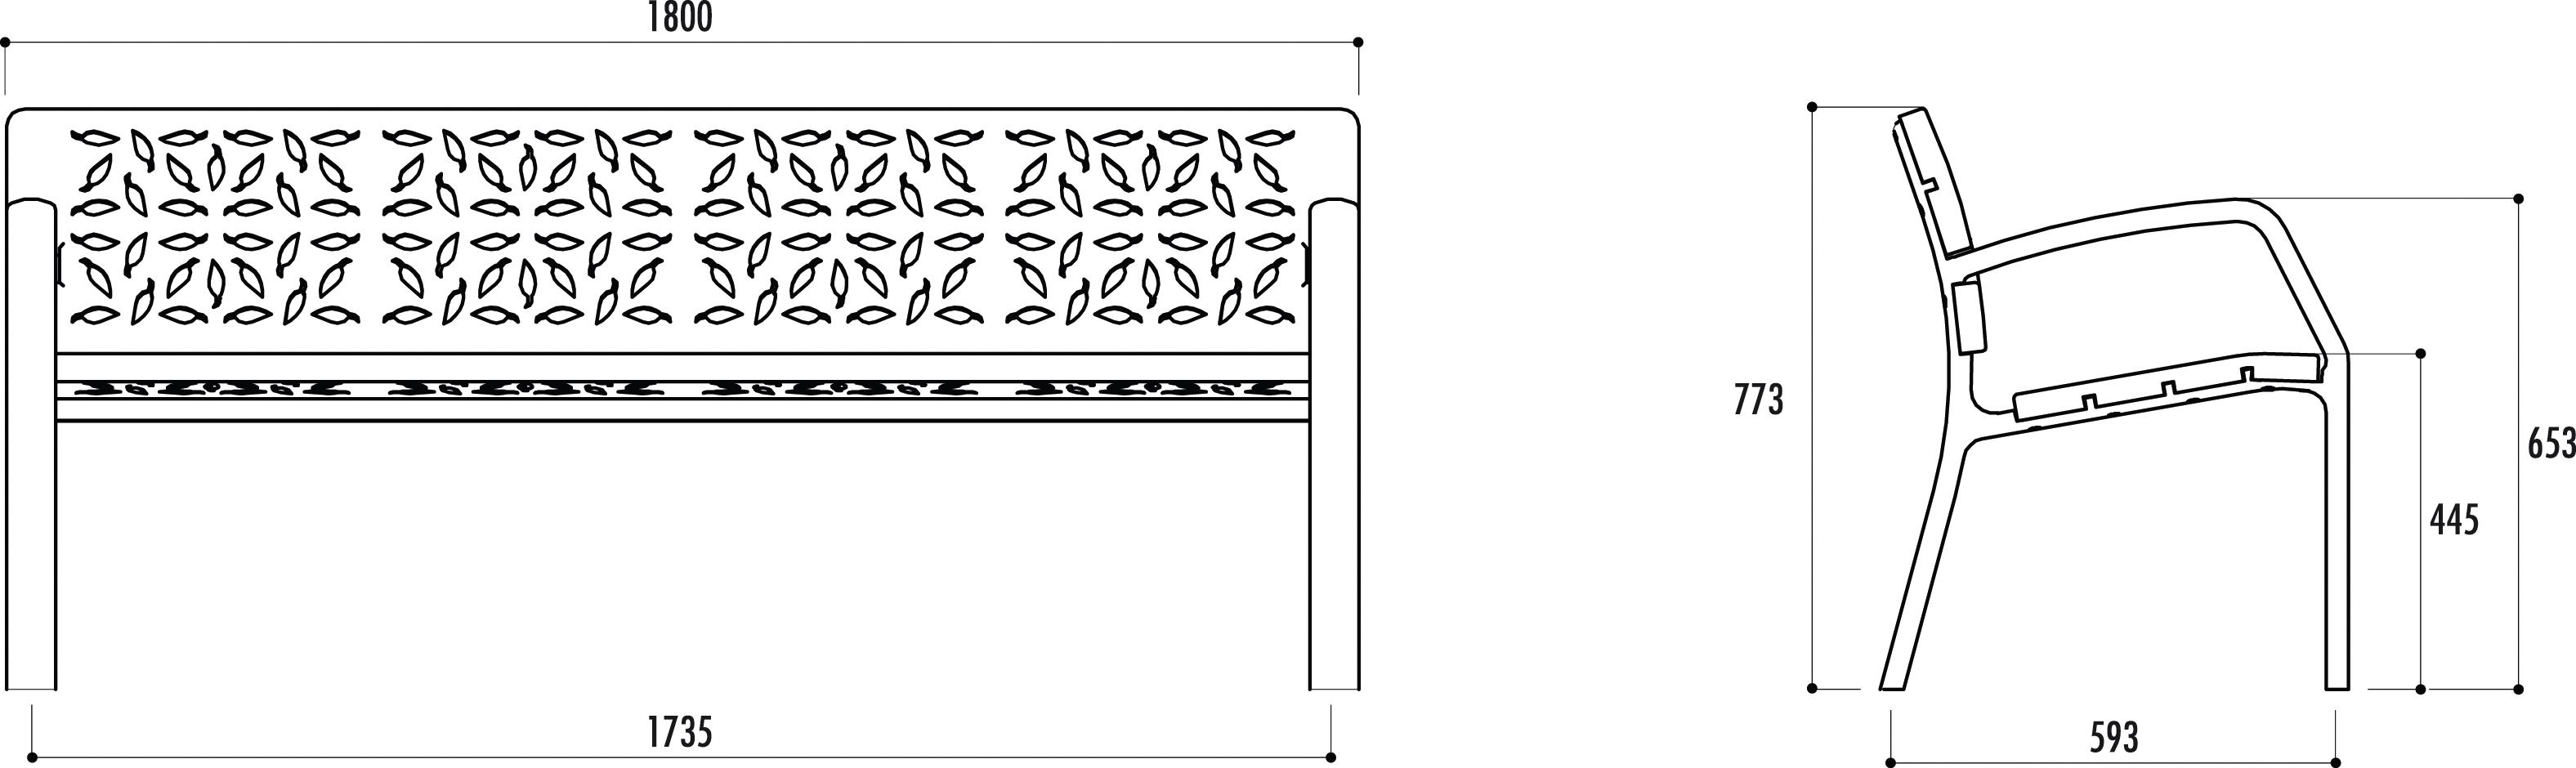 dimensions du banc public métal forest - cofradis